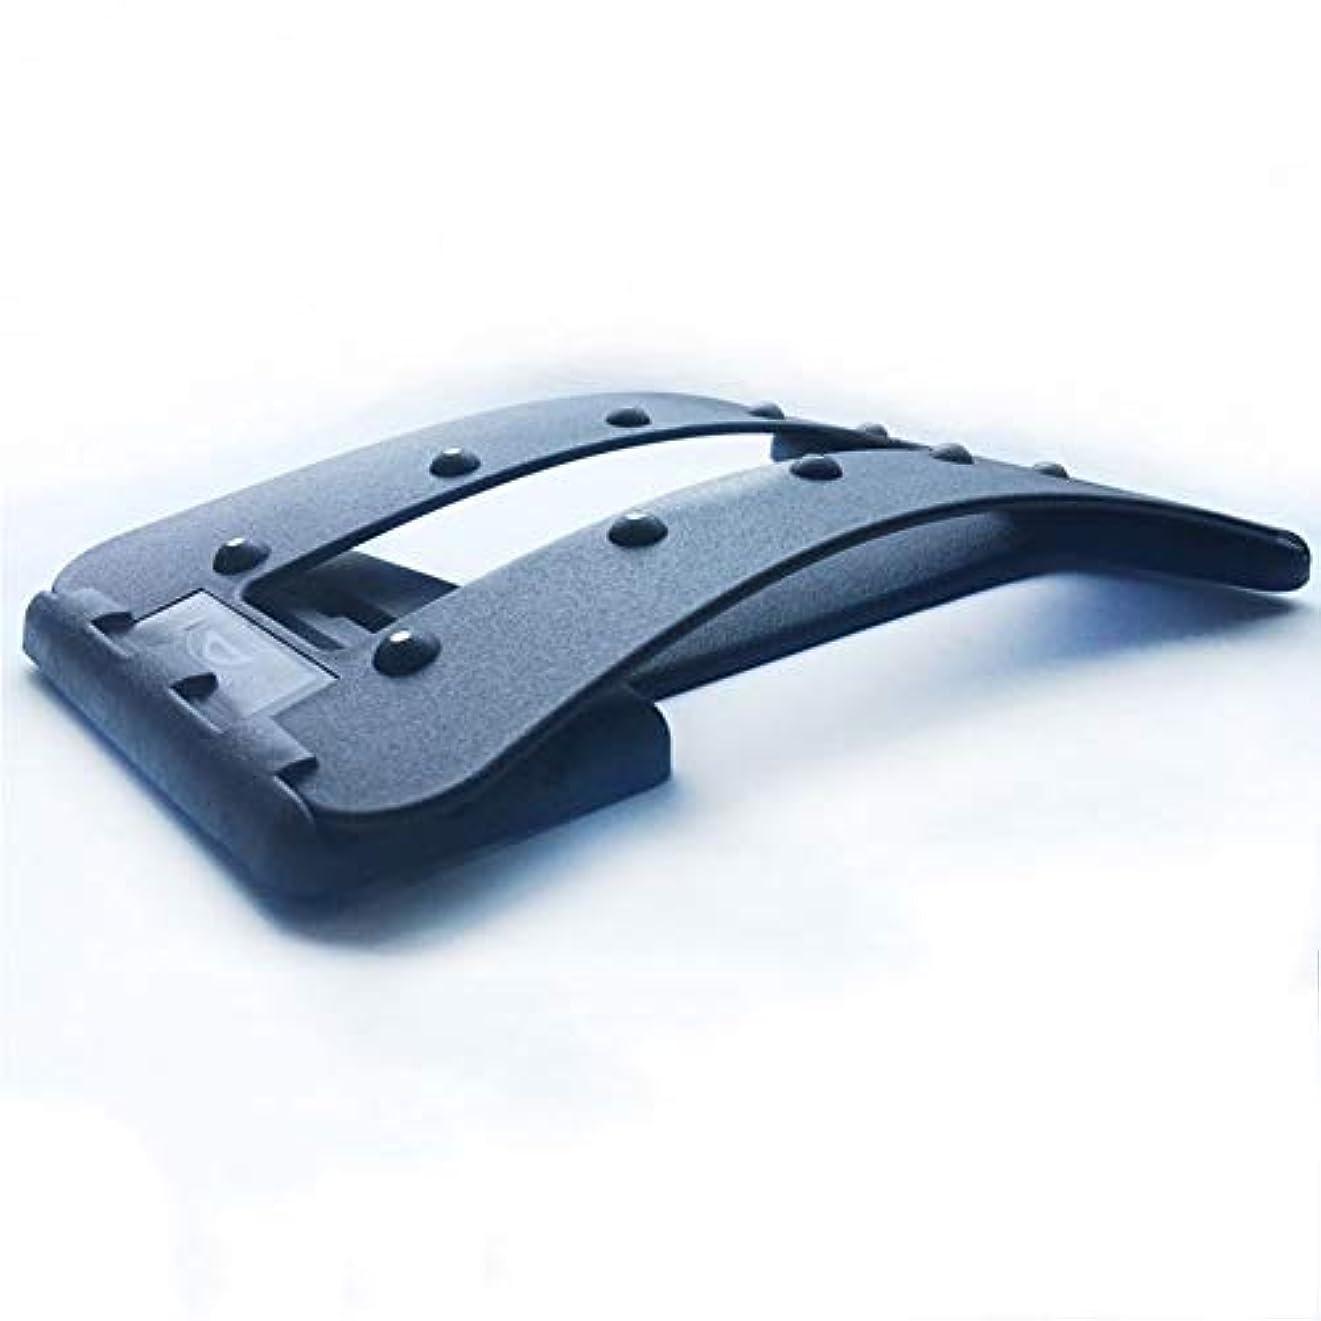 くるみハンマー世界的に腰椎矯正 弧状 引っ張り3段階調節 背筋が伸び 家庭用調整可能オフィスランバーマッサージマッサージ湾曲